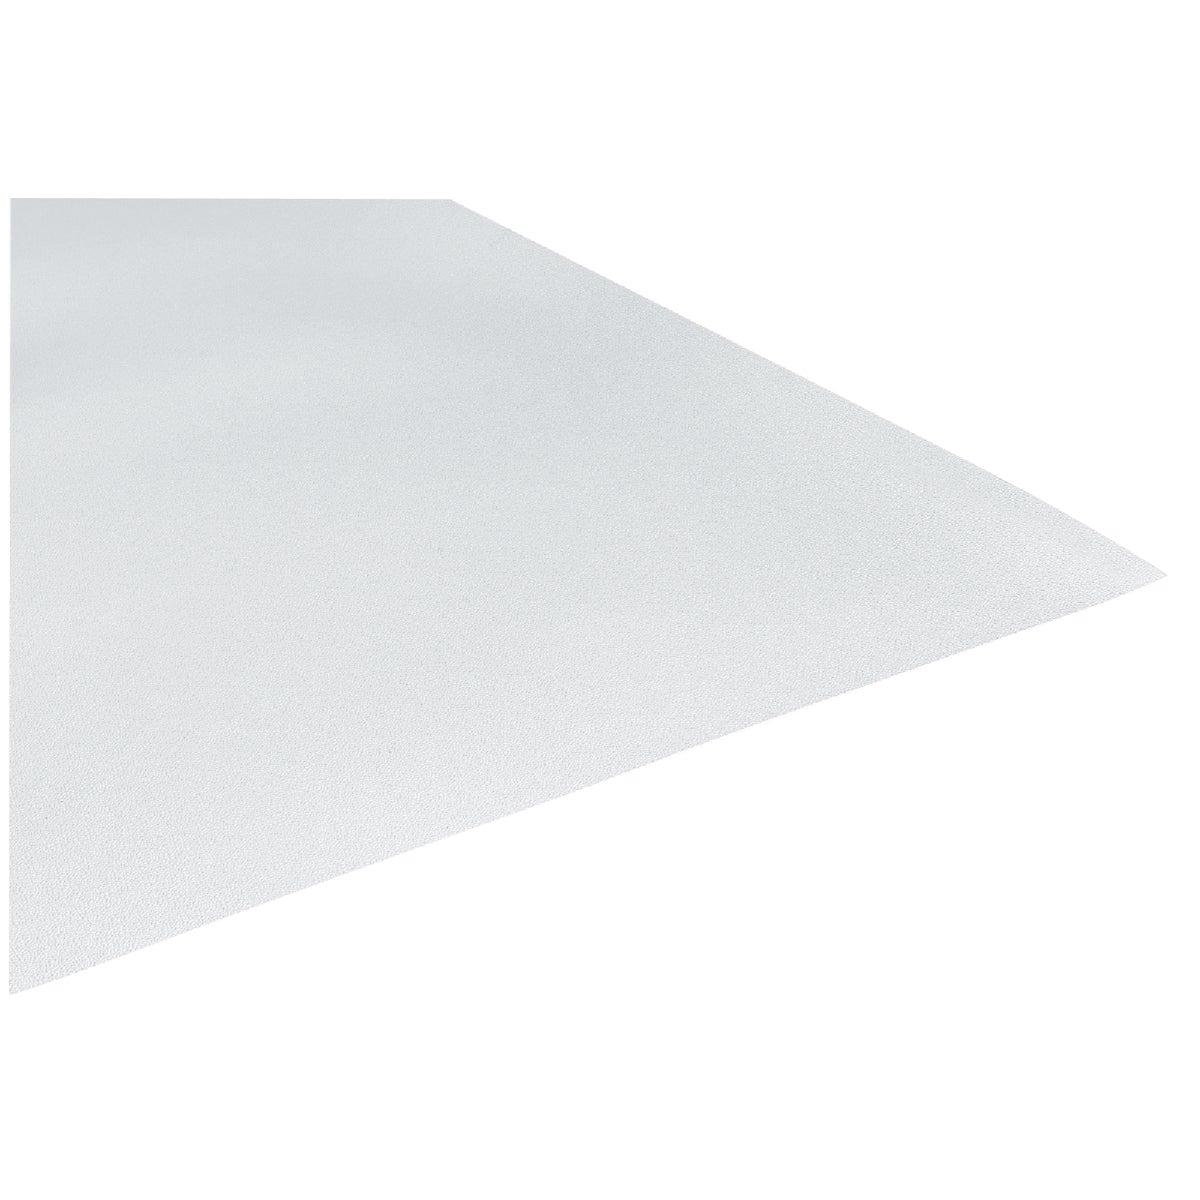 4X8 .090 Brt Wht Panel